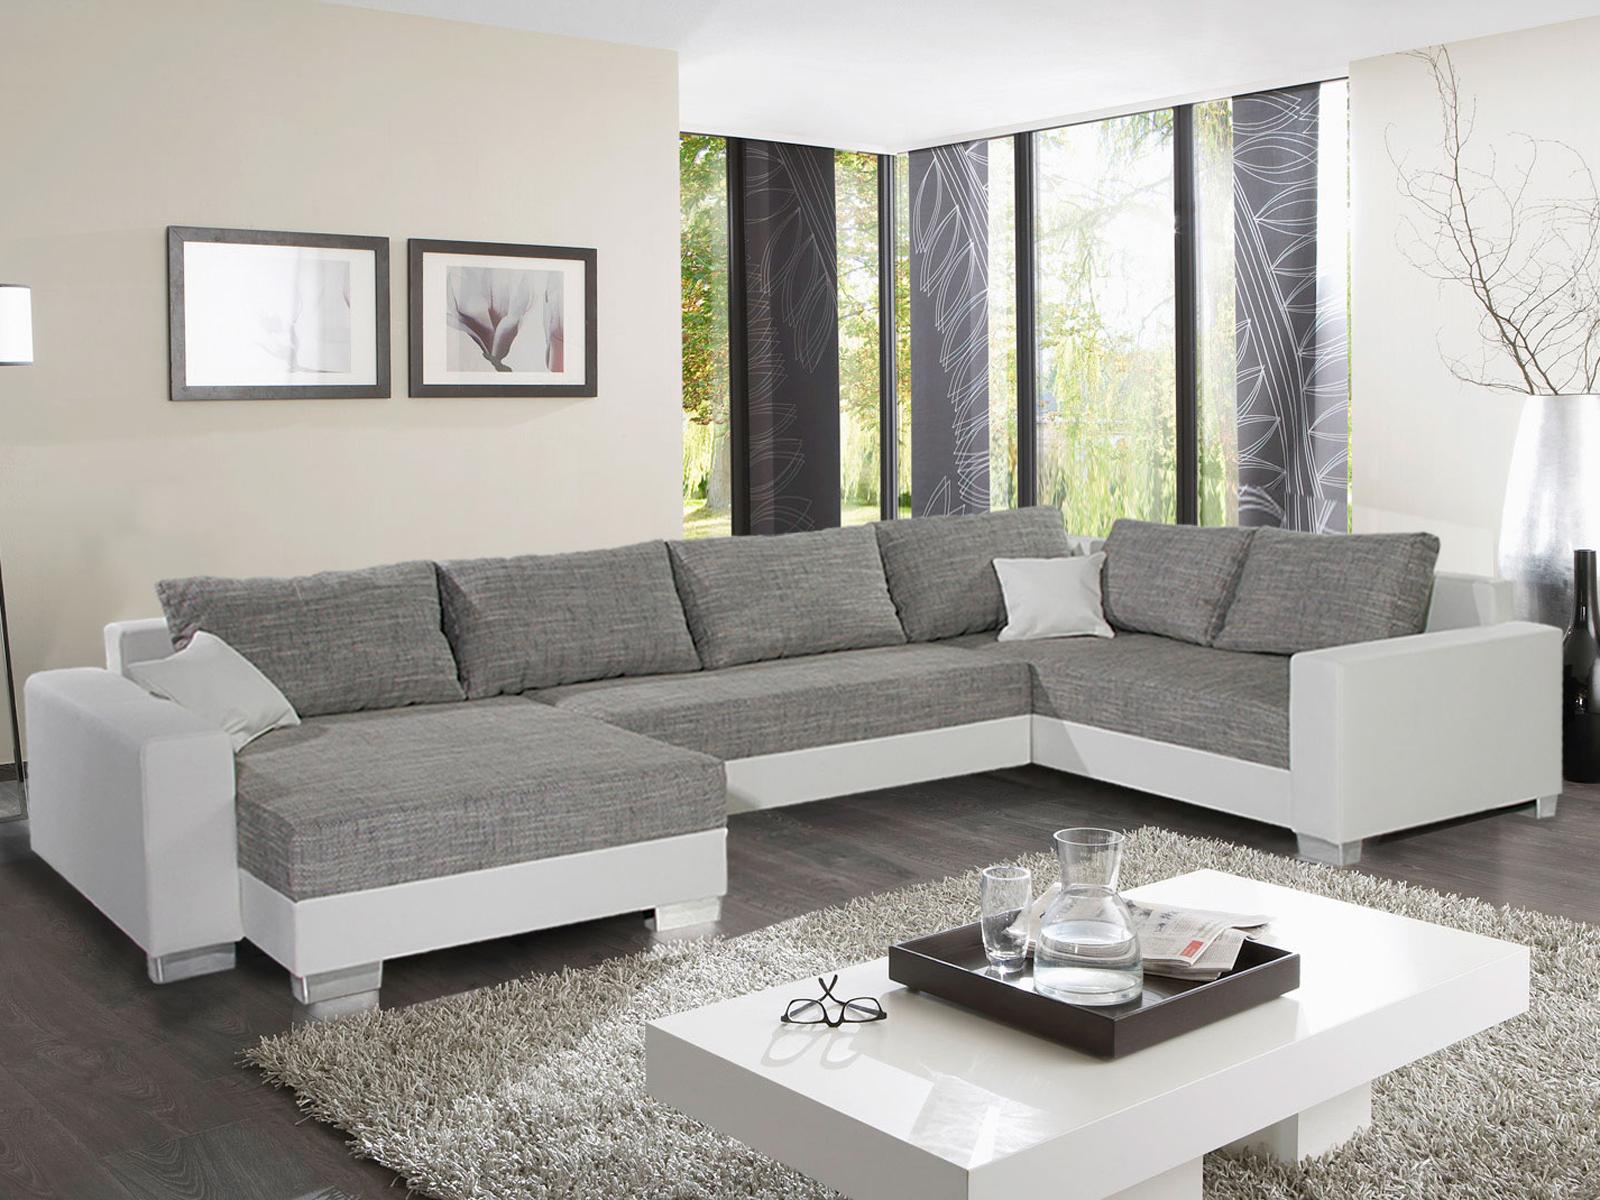 wohnlandschaft abby sofa ecksofa in schwarz wei grau braun bettfunktion auswahl ebay. Black Bedroom Furniture Sets. Home Design Ideas